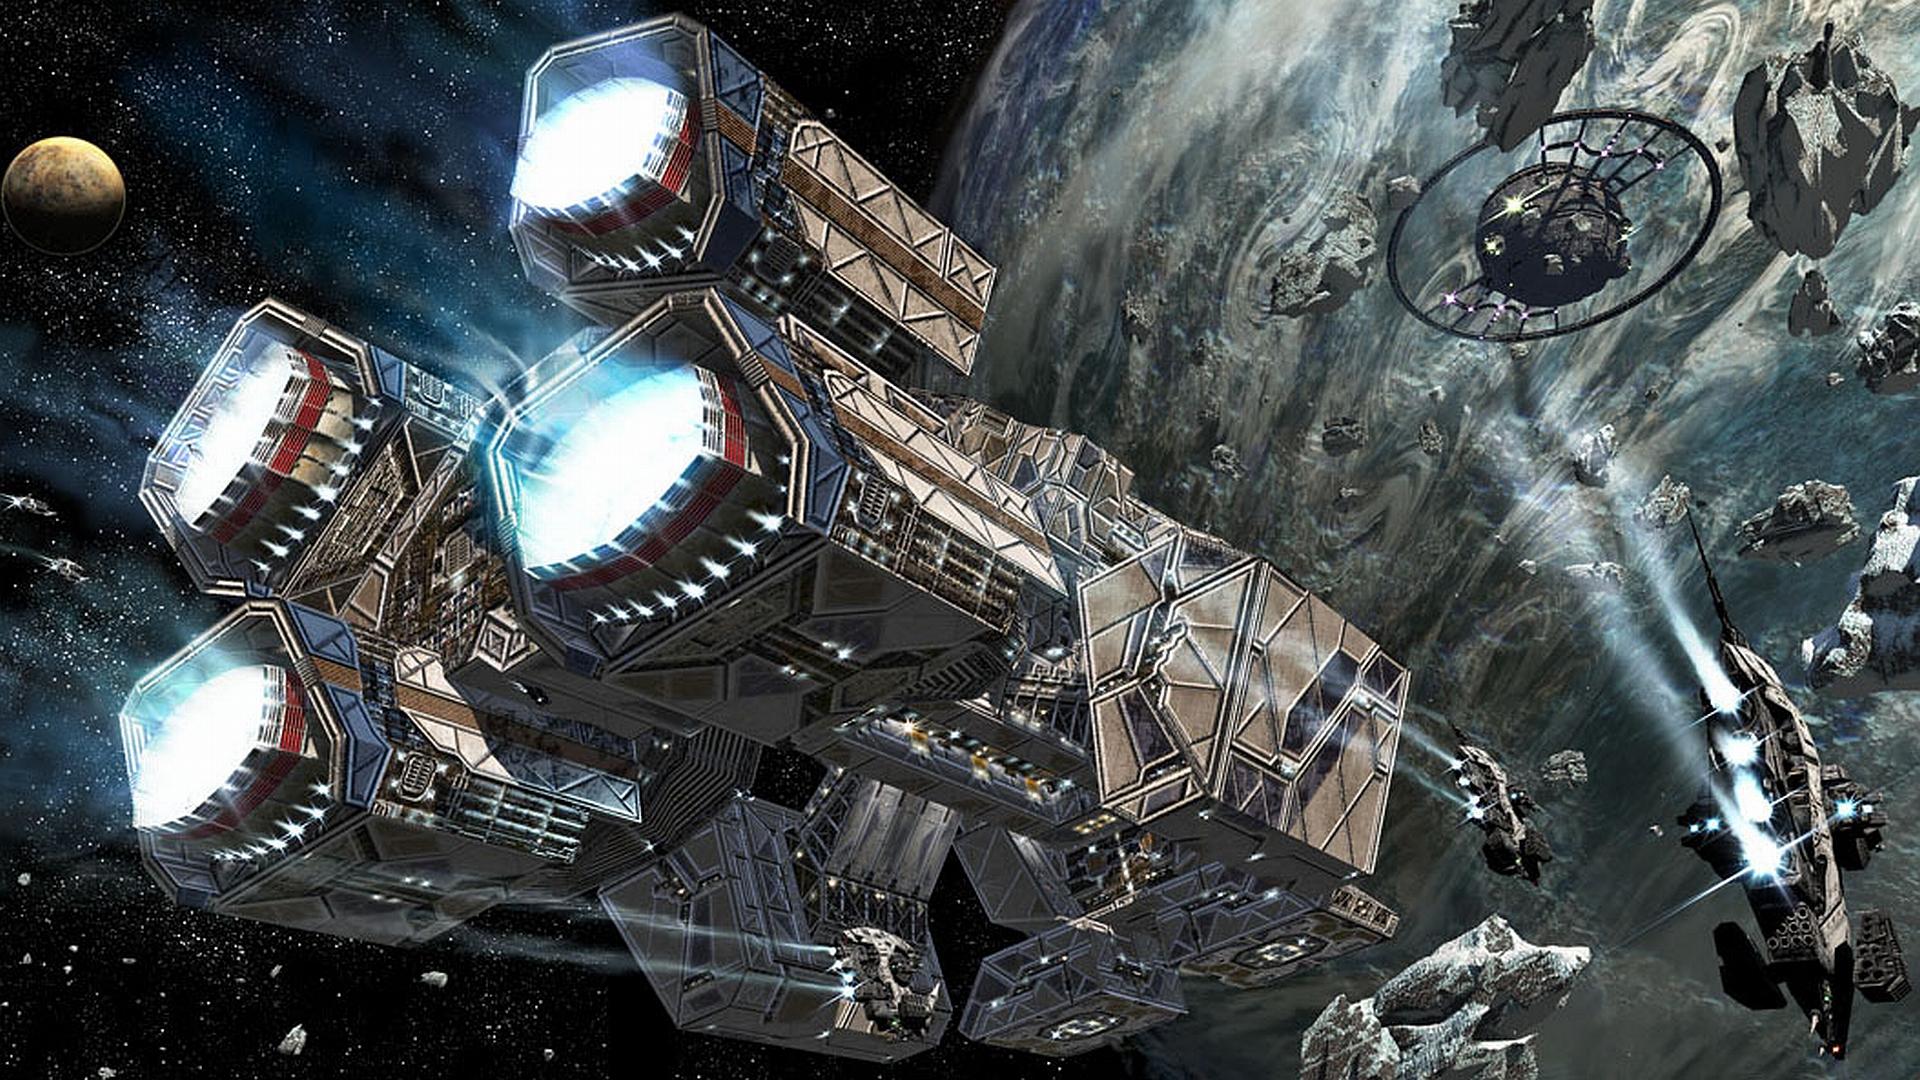 Space Warship Wallpaper